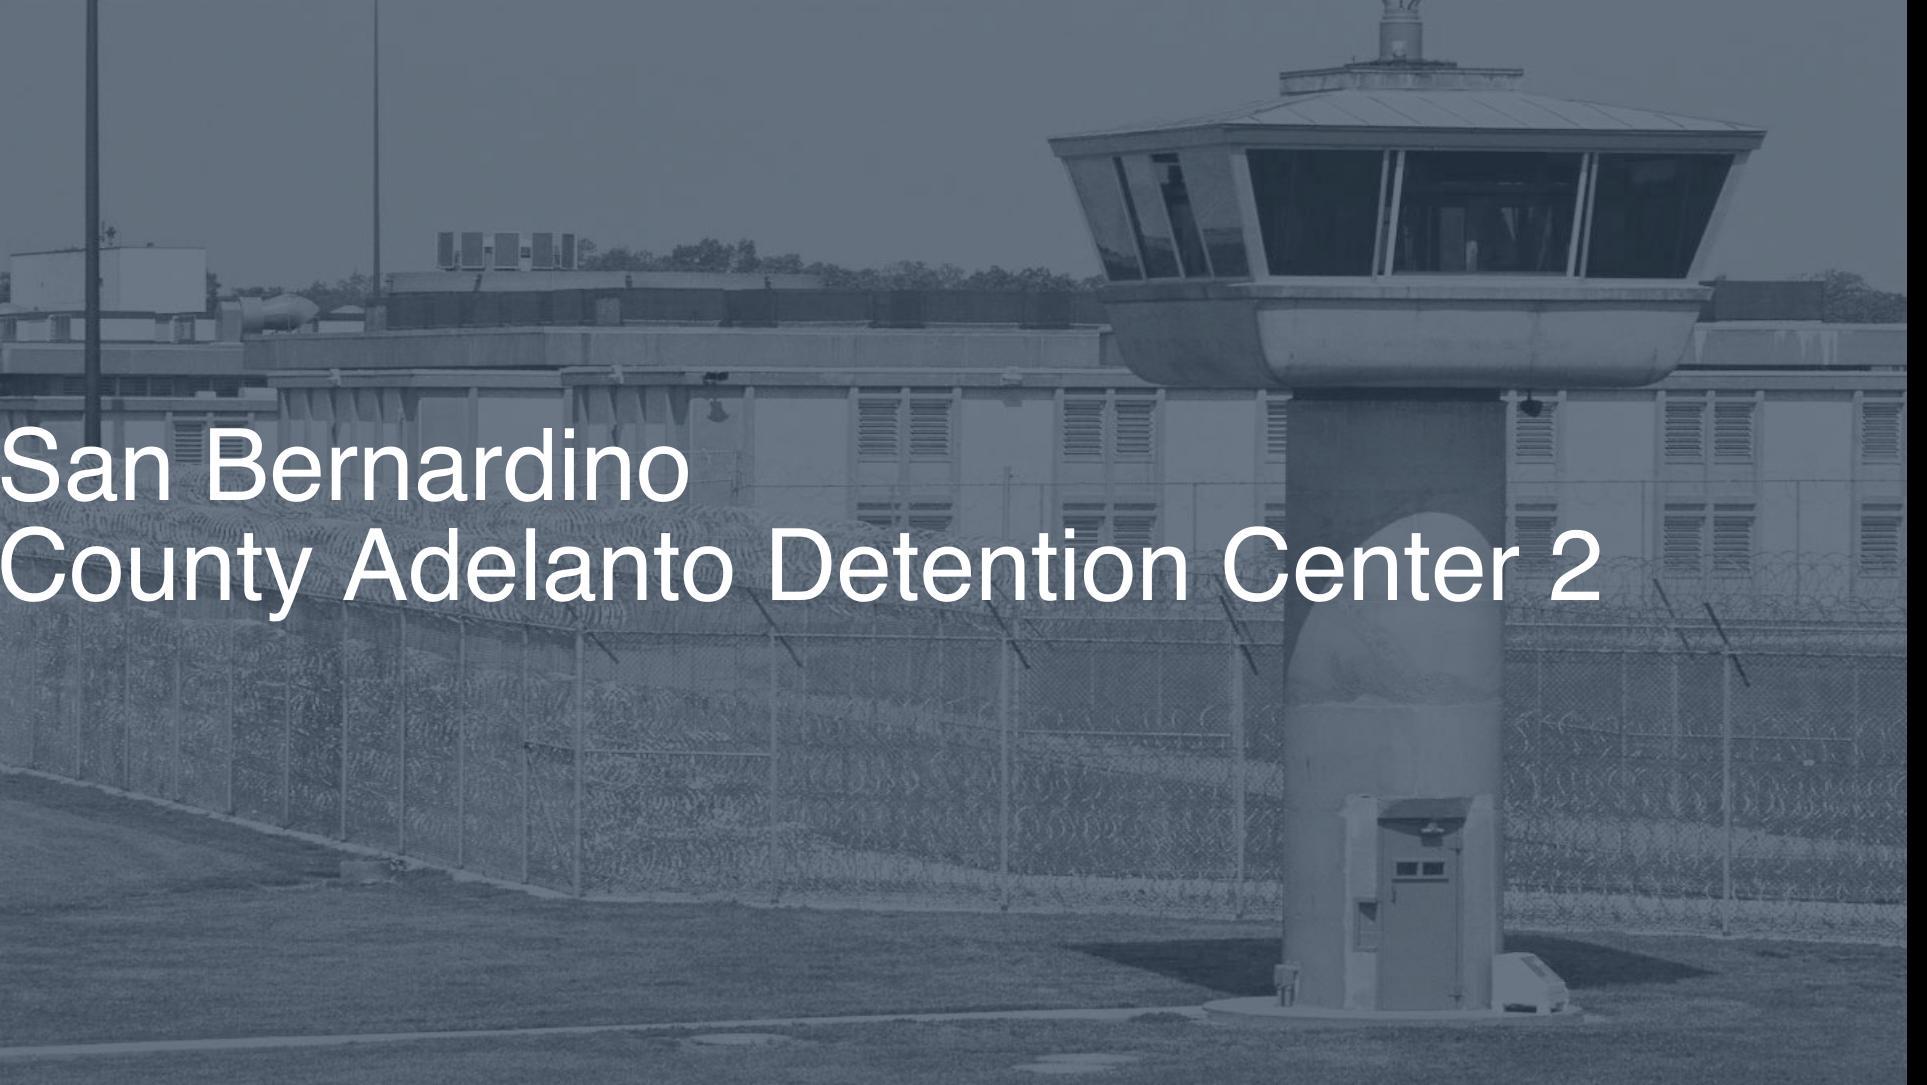 San Bernardino County - Adelanto Detention Center correctional facility picture